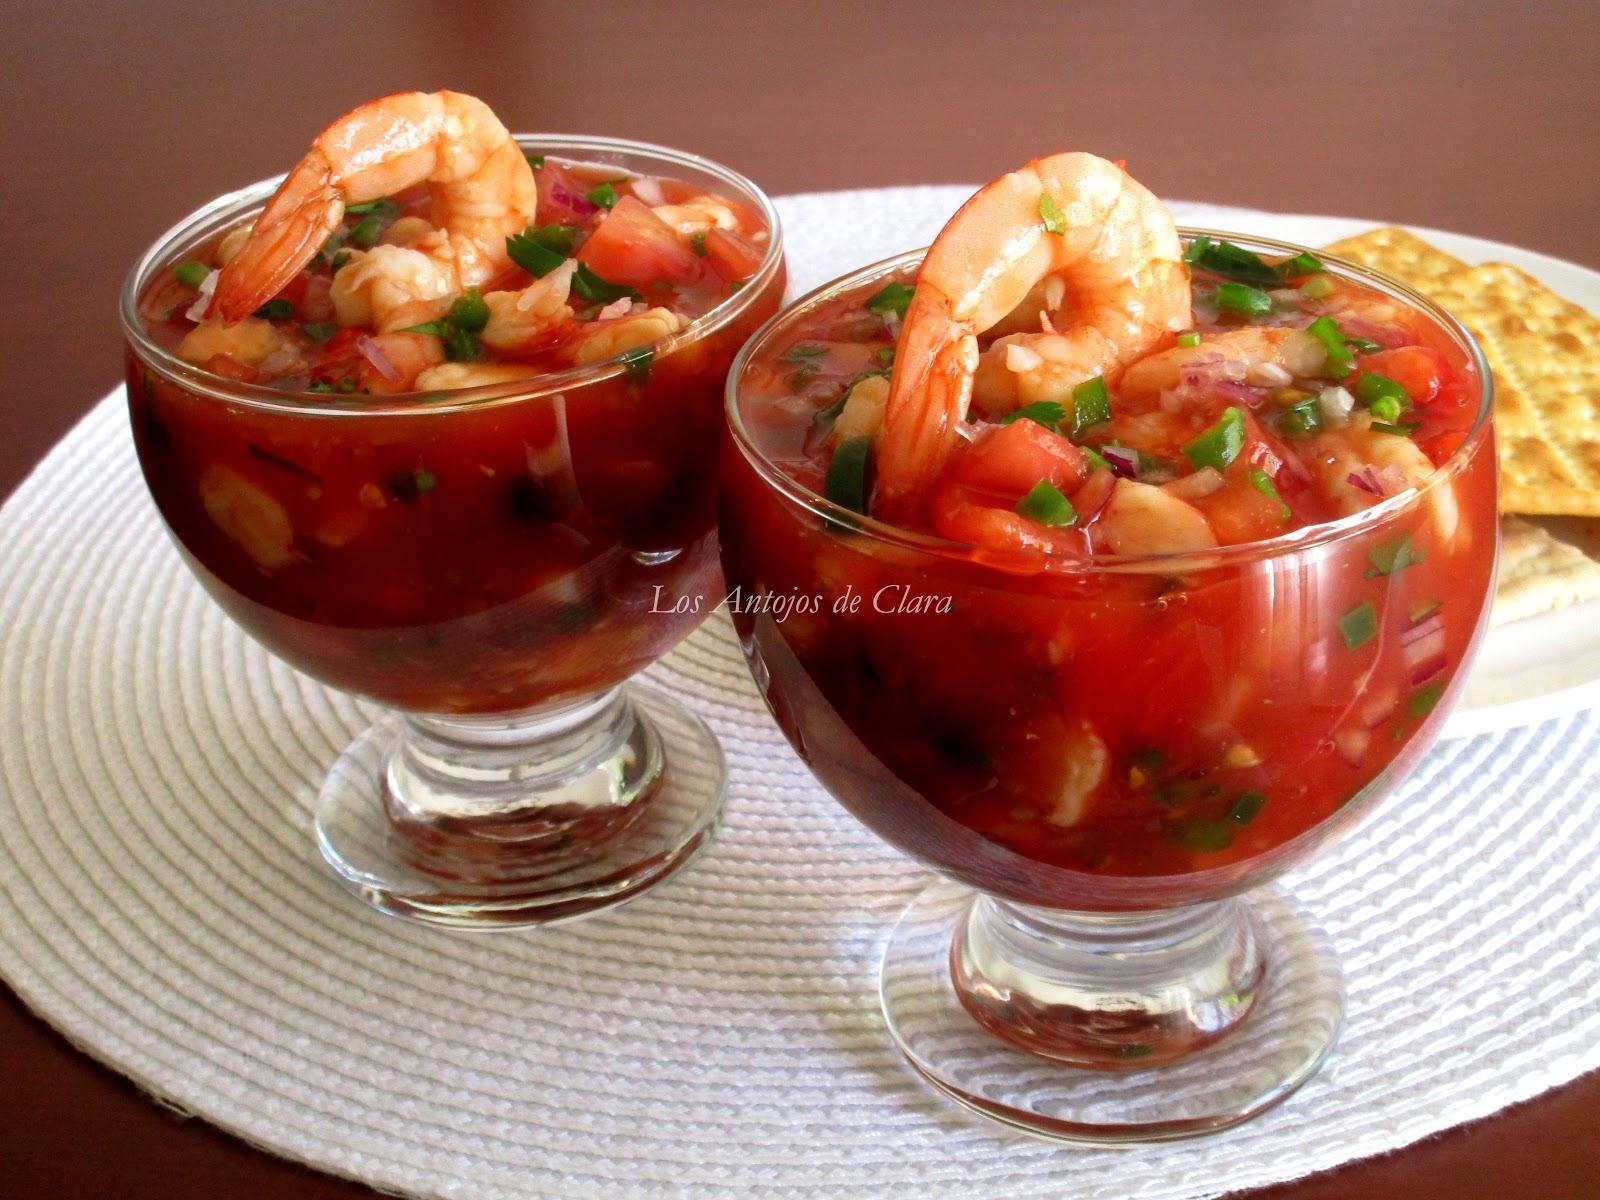 Los antojos de clara c ctel de langostinos for Coctel con zumo de tomate